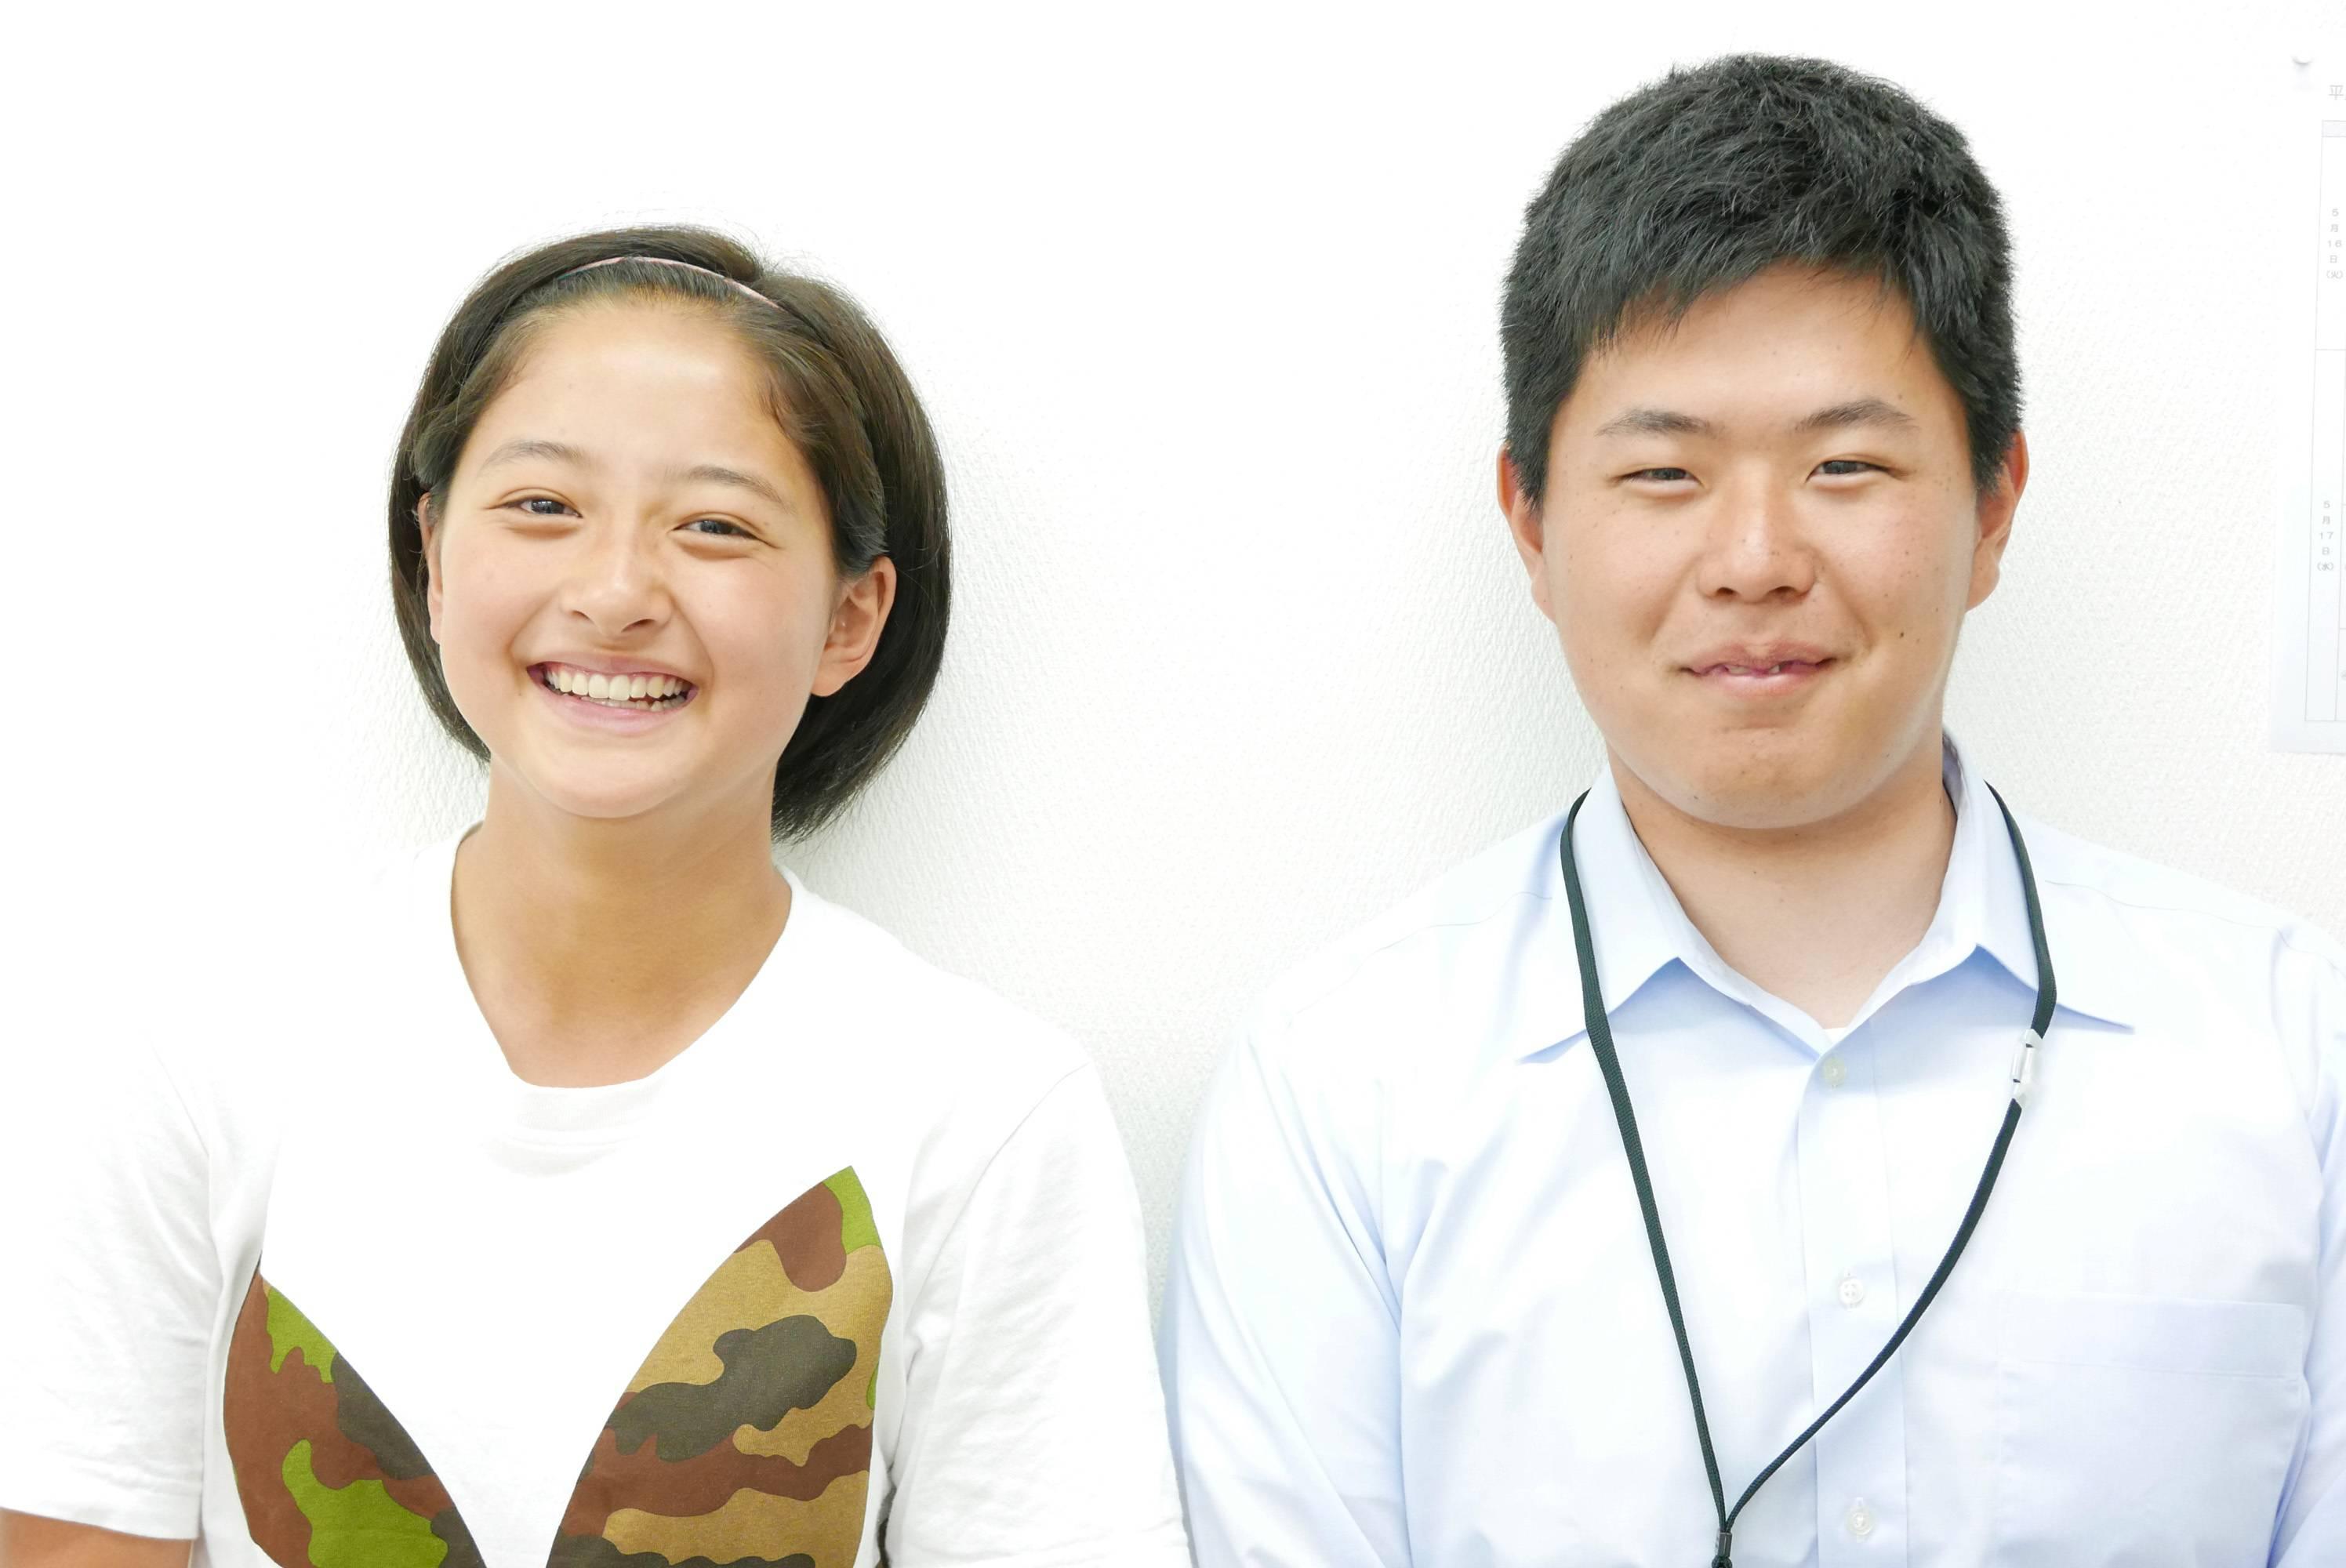 H29夏 中学3年 雨谷花音さん 小松先生